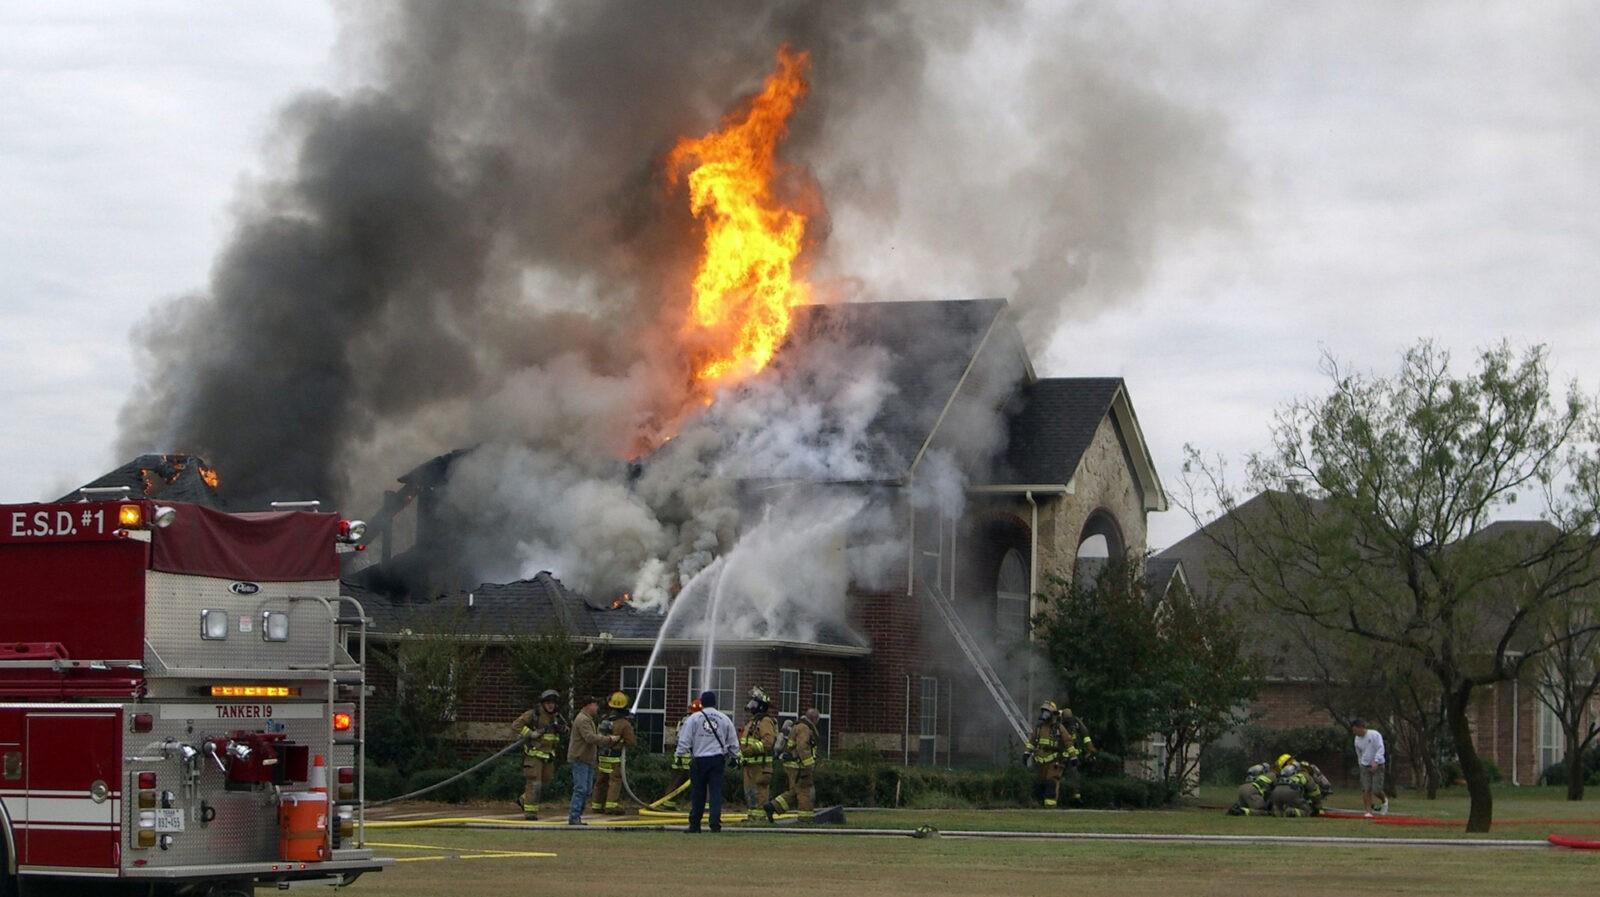 Fire Damage Image